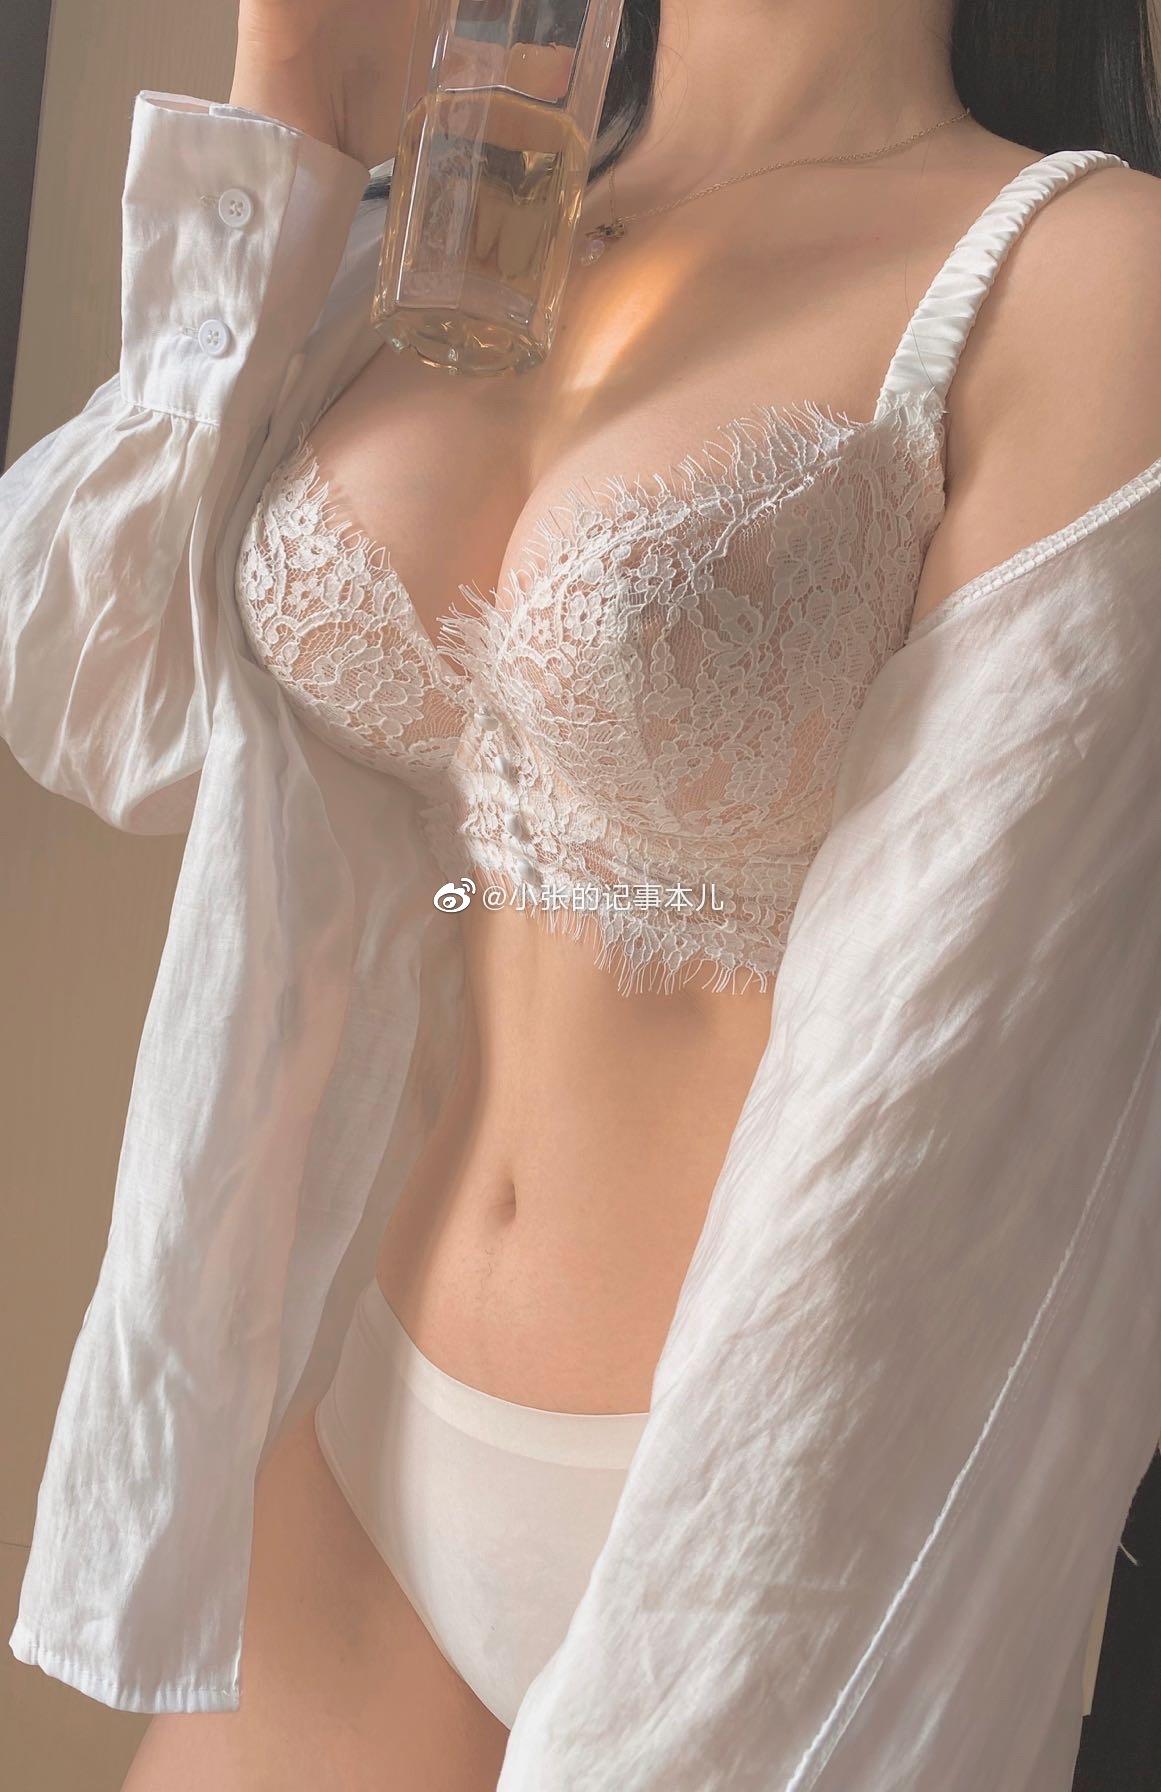 身材一流的@小张的记事本儿 3套私房内衣诱惑 www.coserba.com COSE吧整理发布